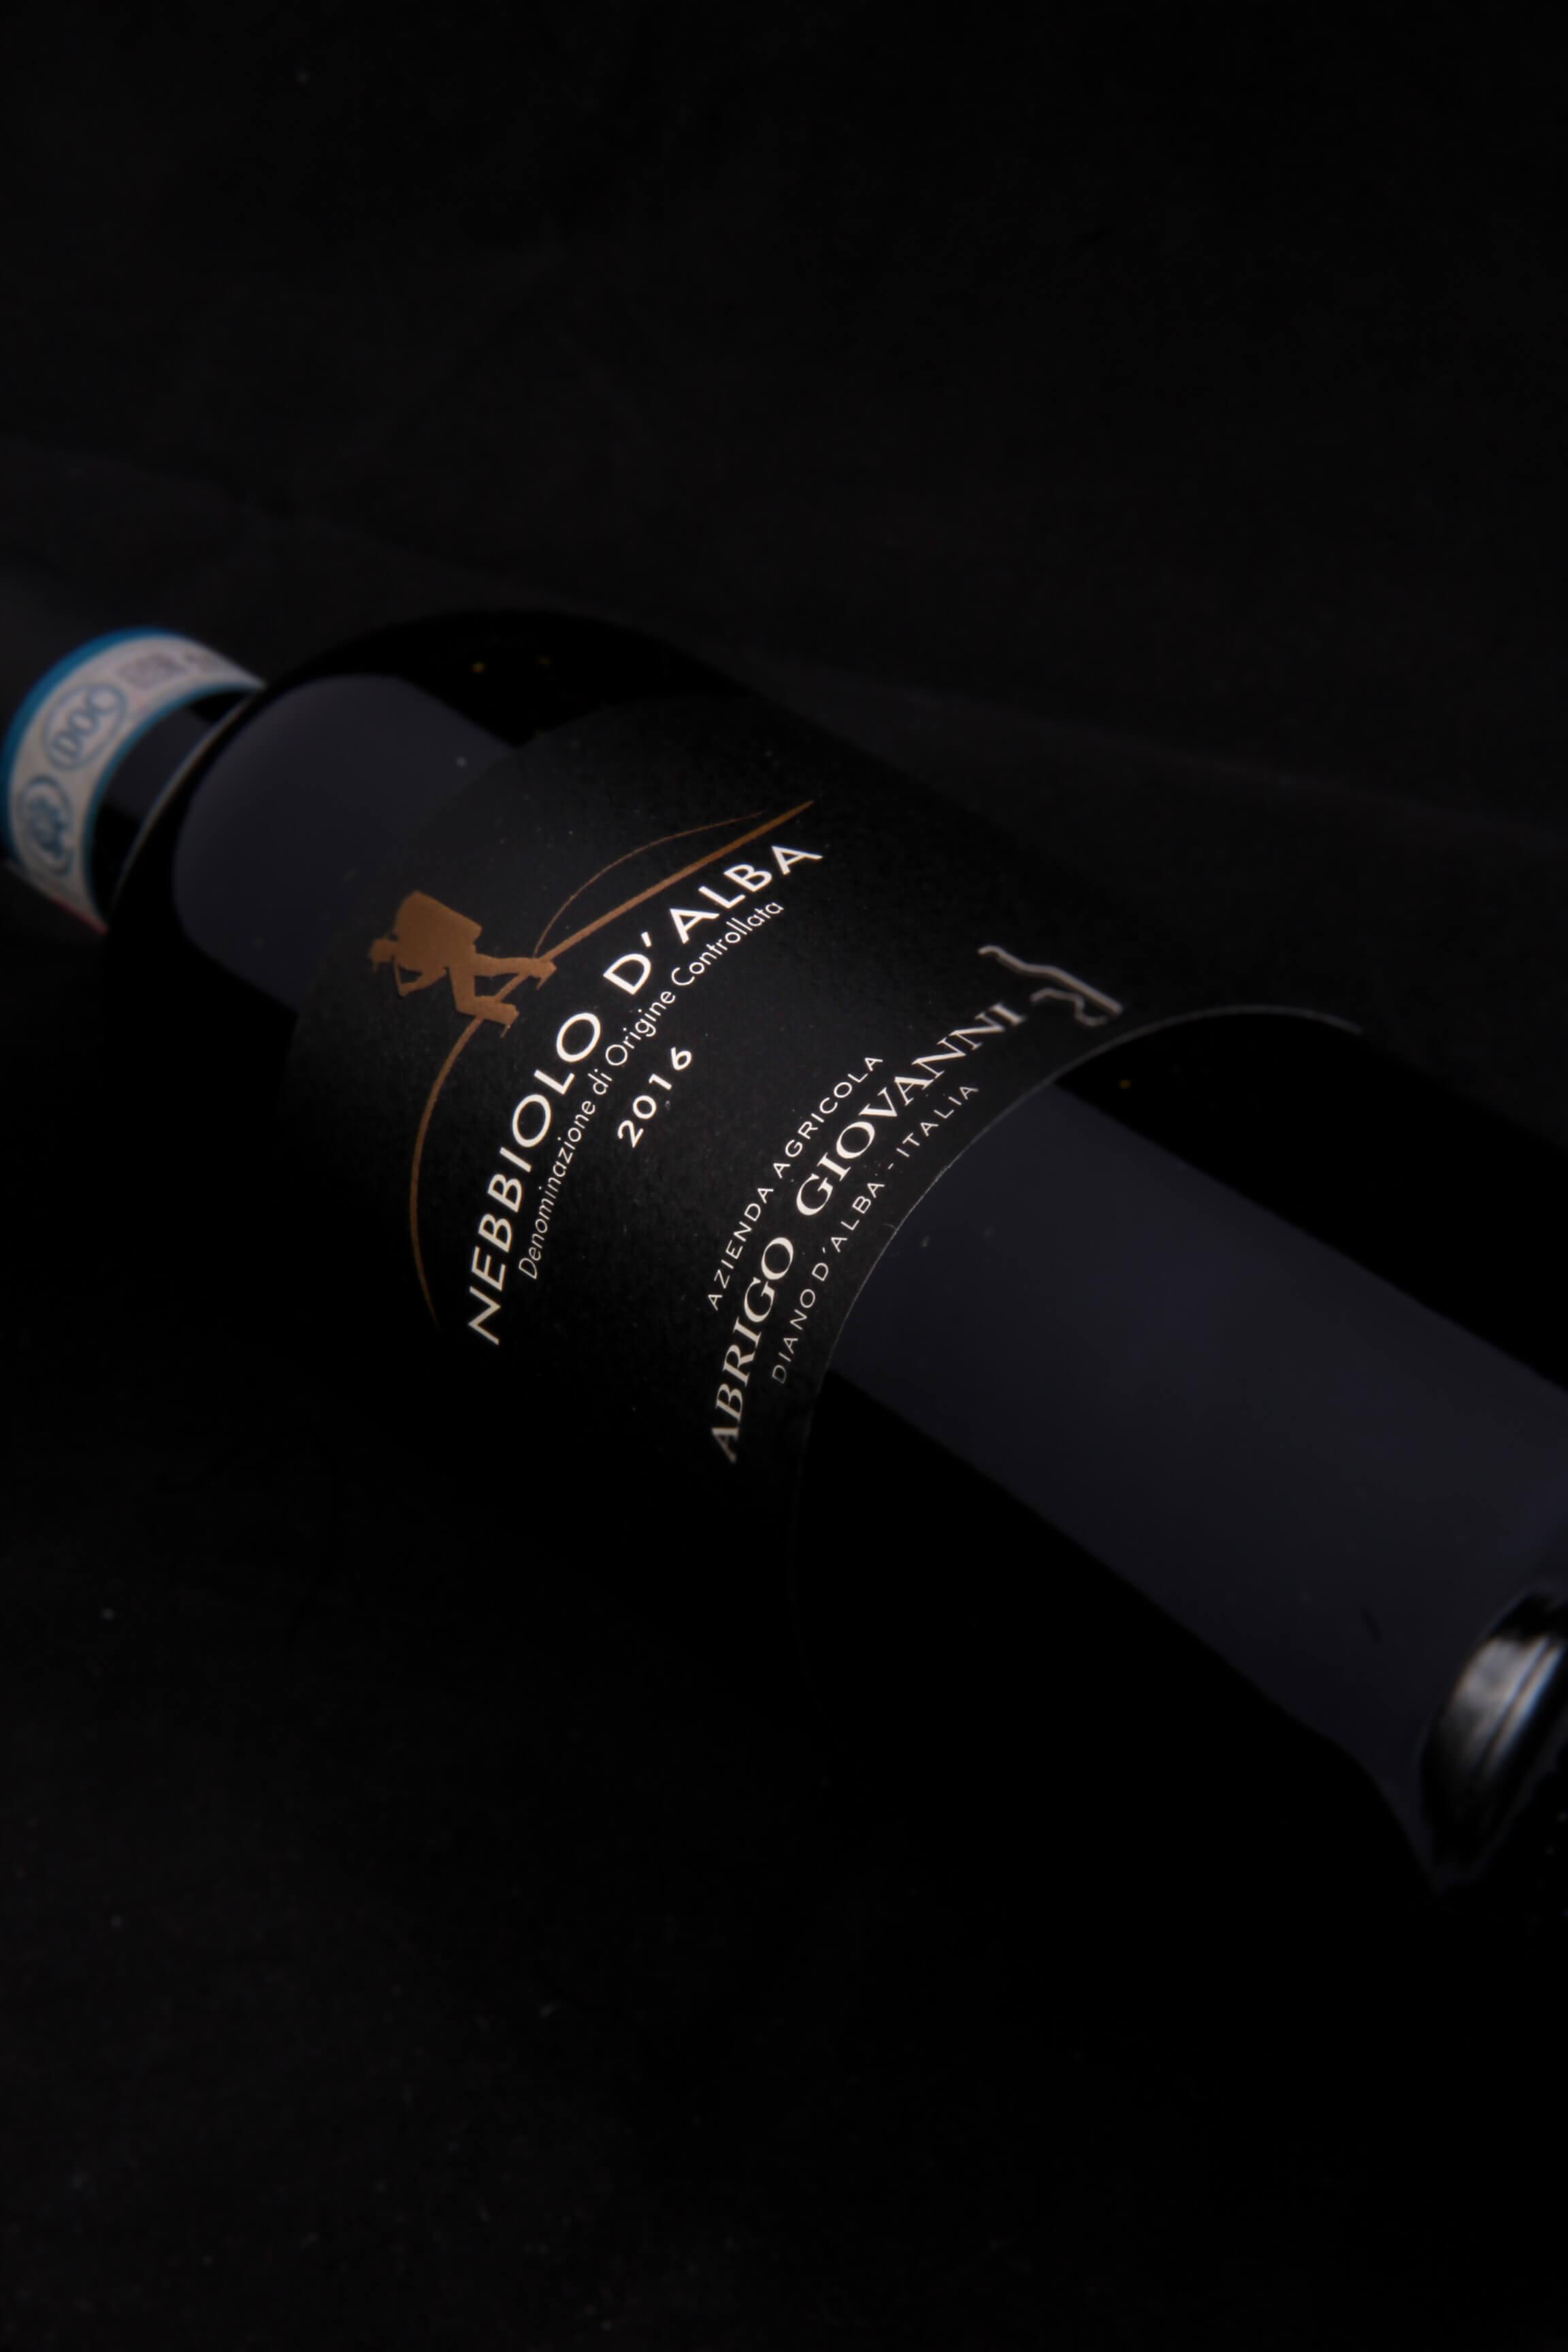 vino_nostrum-importadora_de_vinos_y_alimentos_ok18